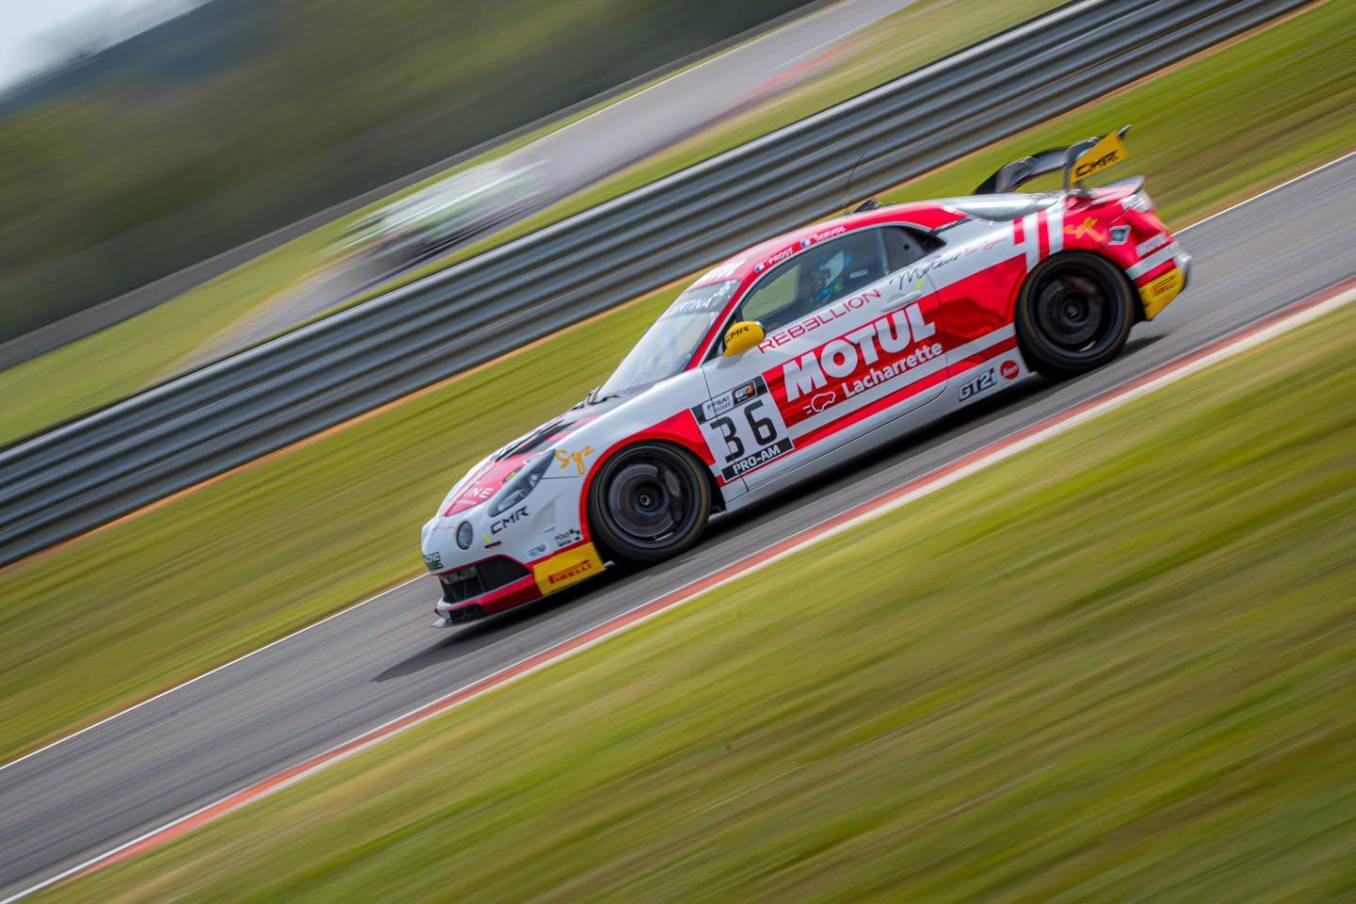 CMR Alpine A110 GT4 Prost Servol 1 | Alpine A110 GT4 : Victoire de Castelli et Wallgrenn pour les Coupes de Pâques à Nogaro